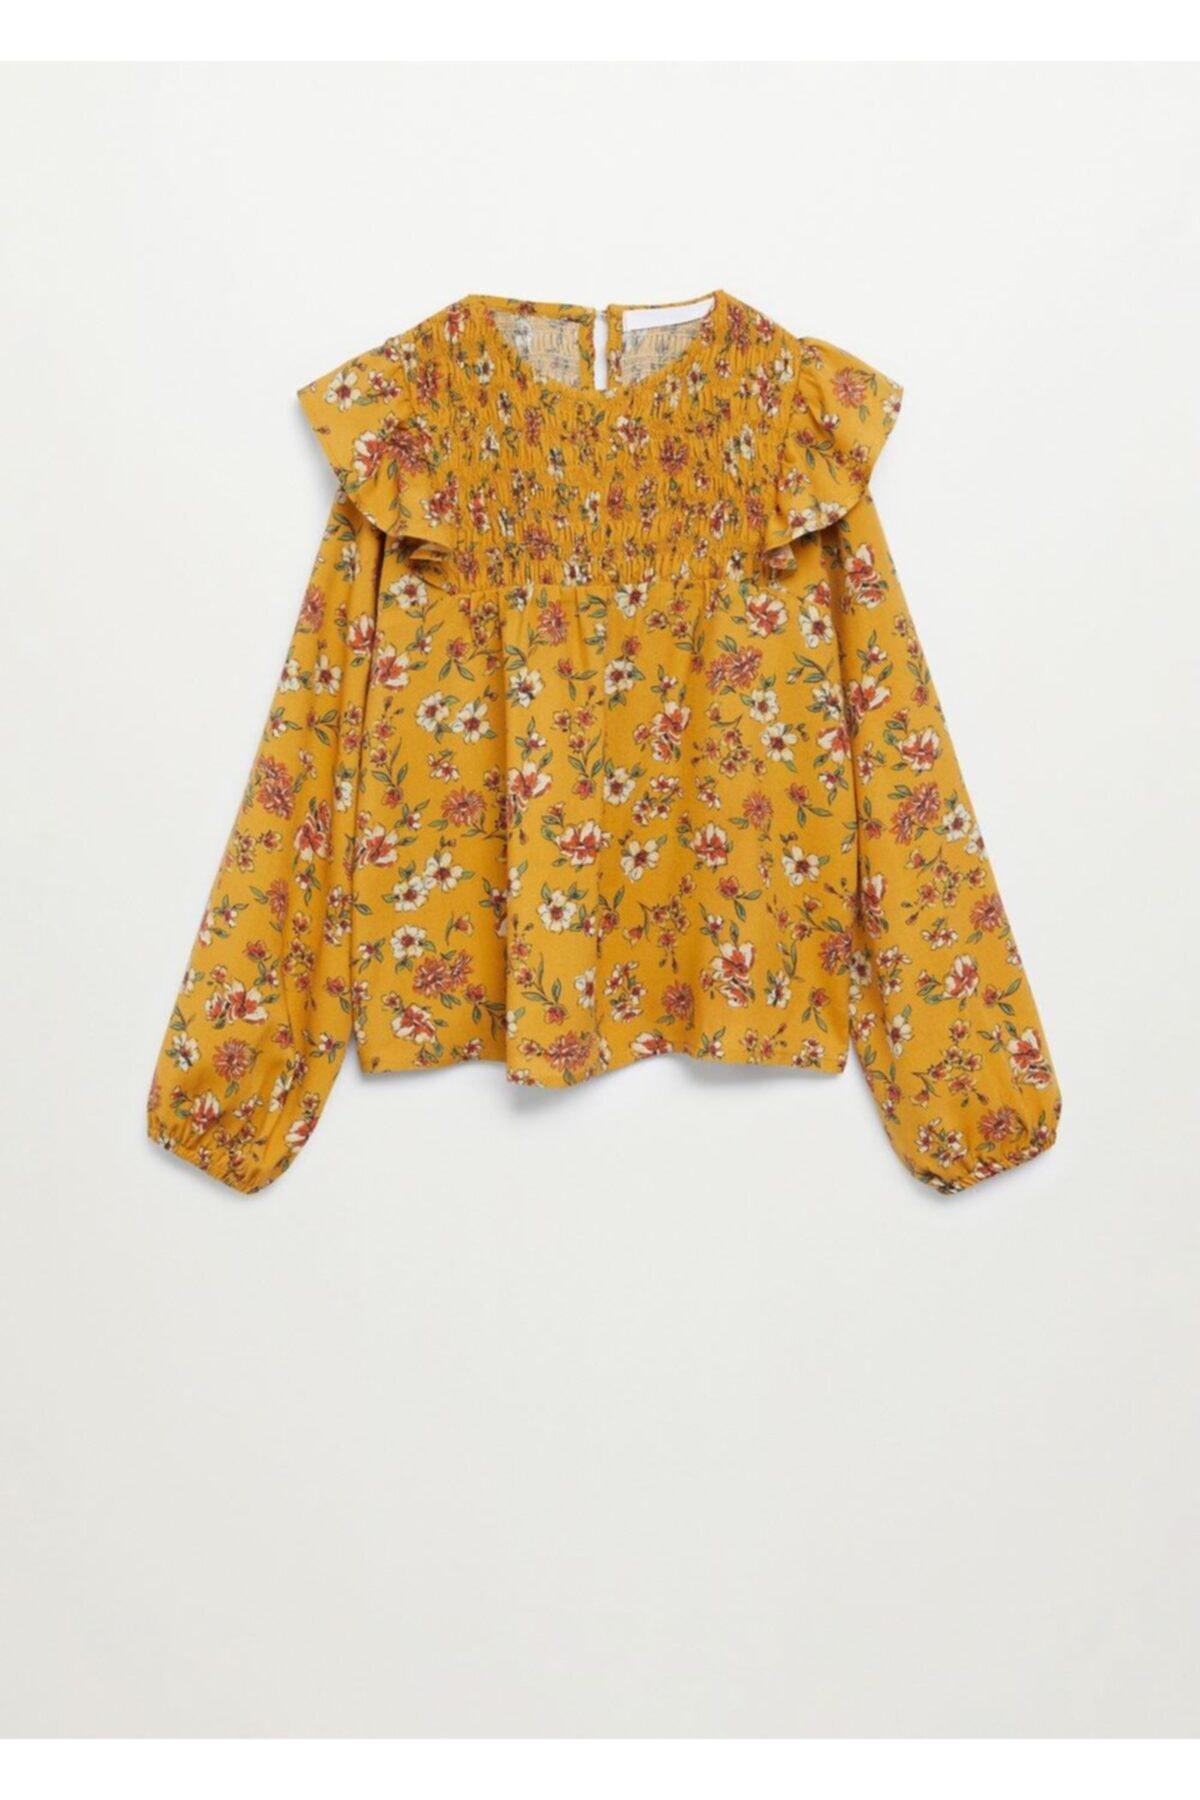 Mango Çiçek Desenli Dökümlü Bluz